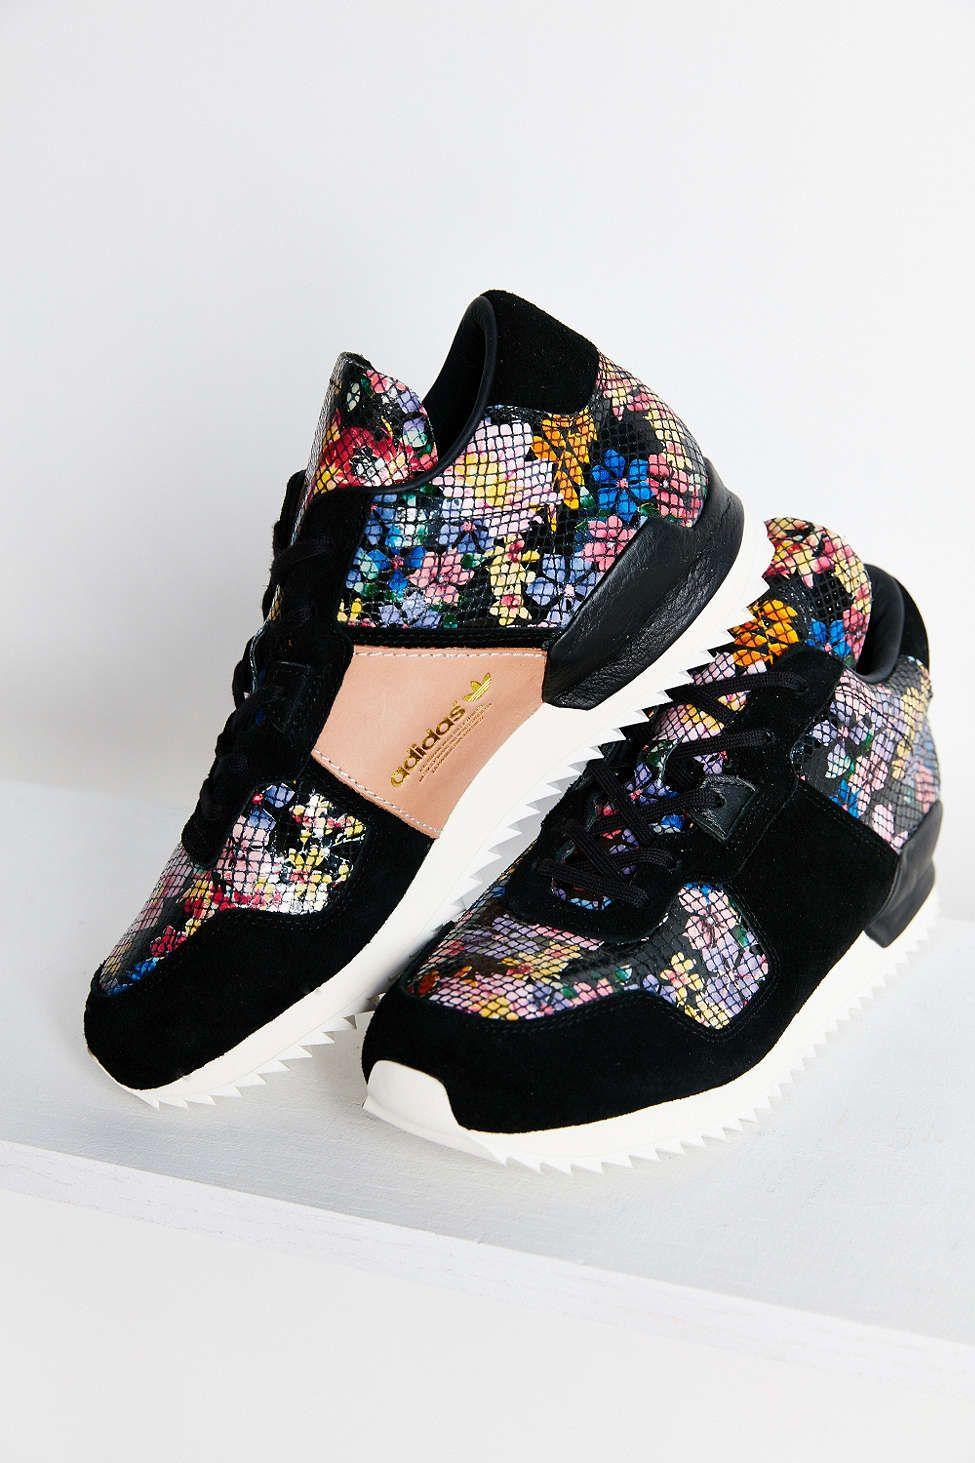 huge discount 88402 74e8c adidas zx 700 spot